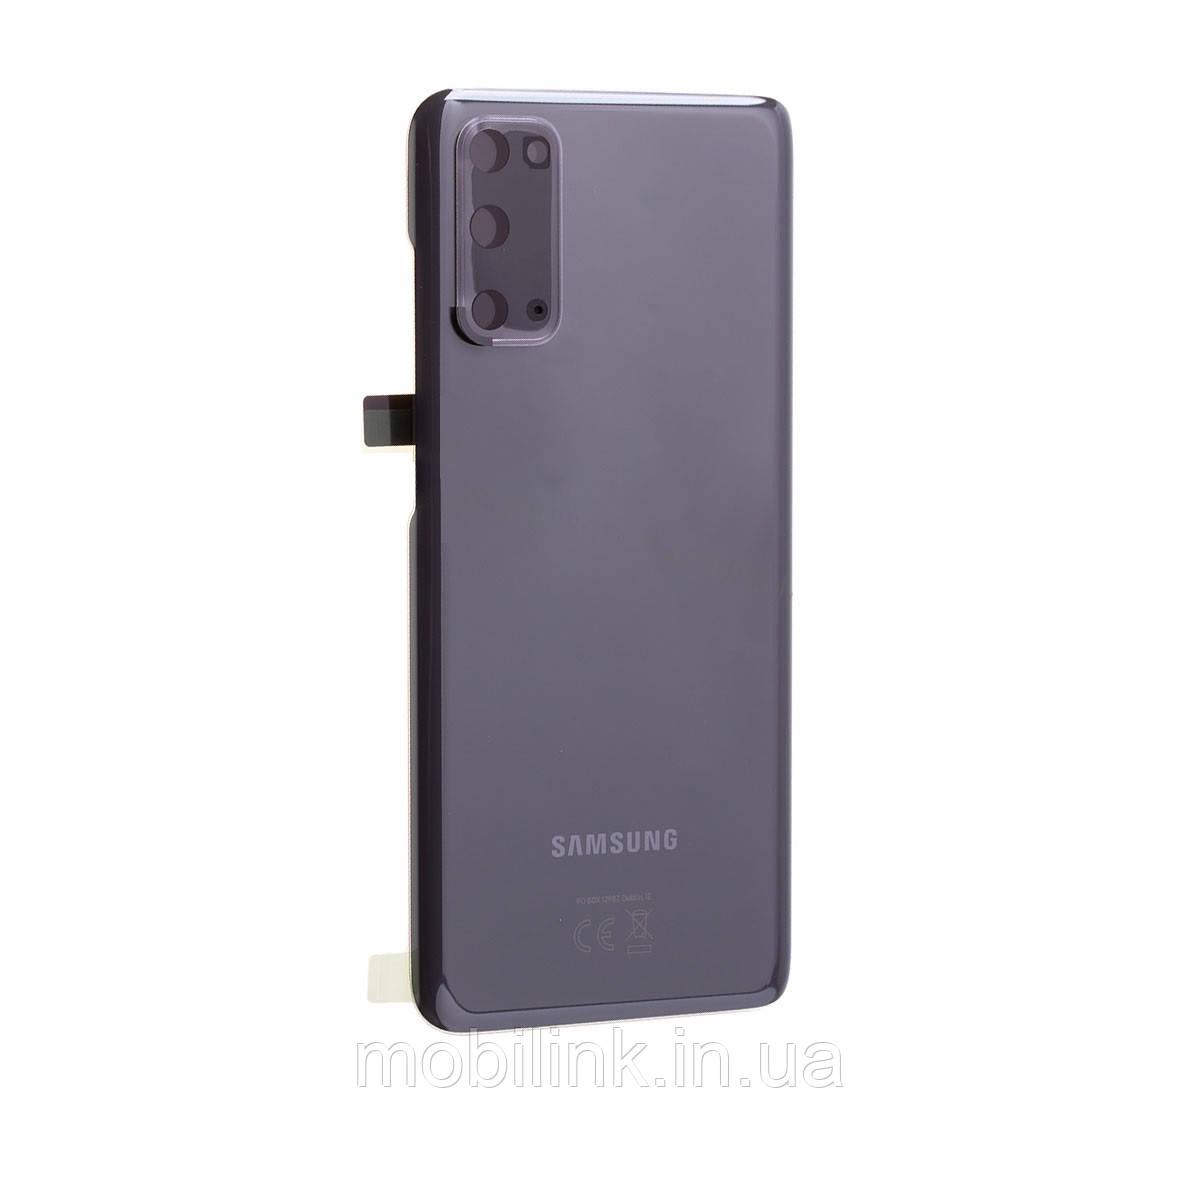 Крышка задняя Samsung SM-G980 Galaxy S20,Серая(Grey), GH82-22520A, оригинал!